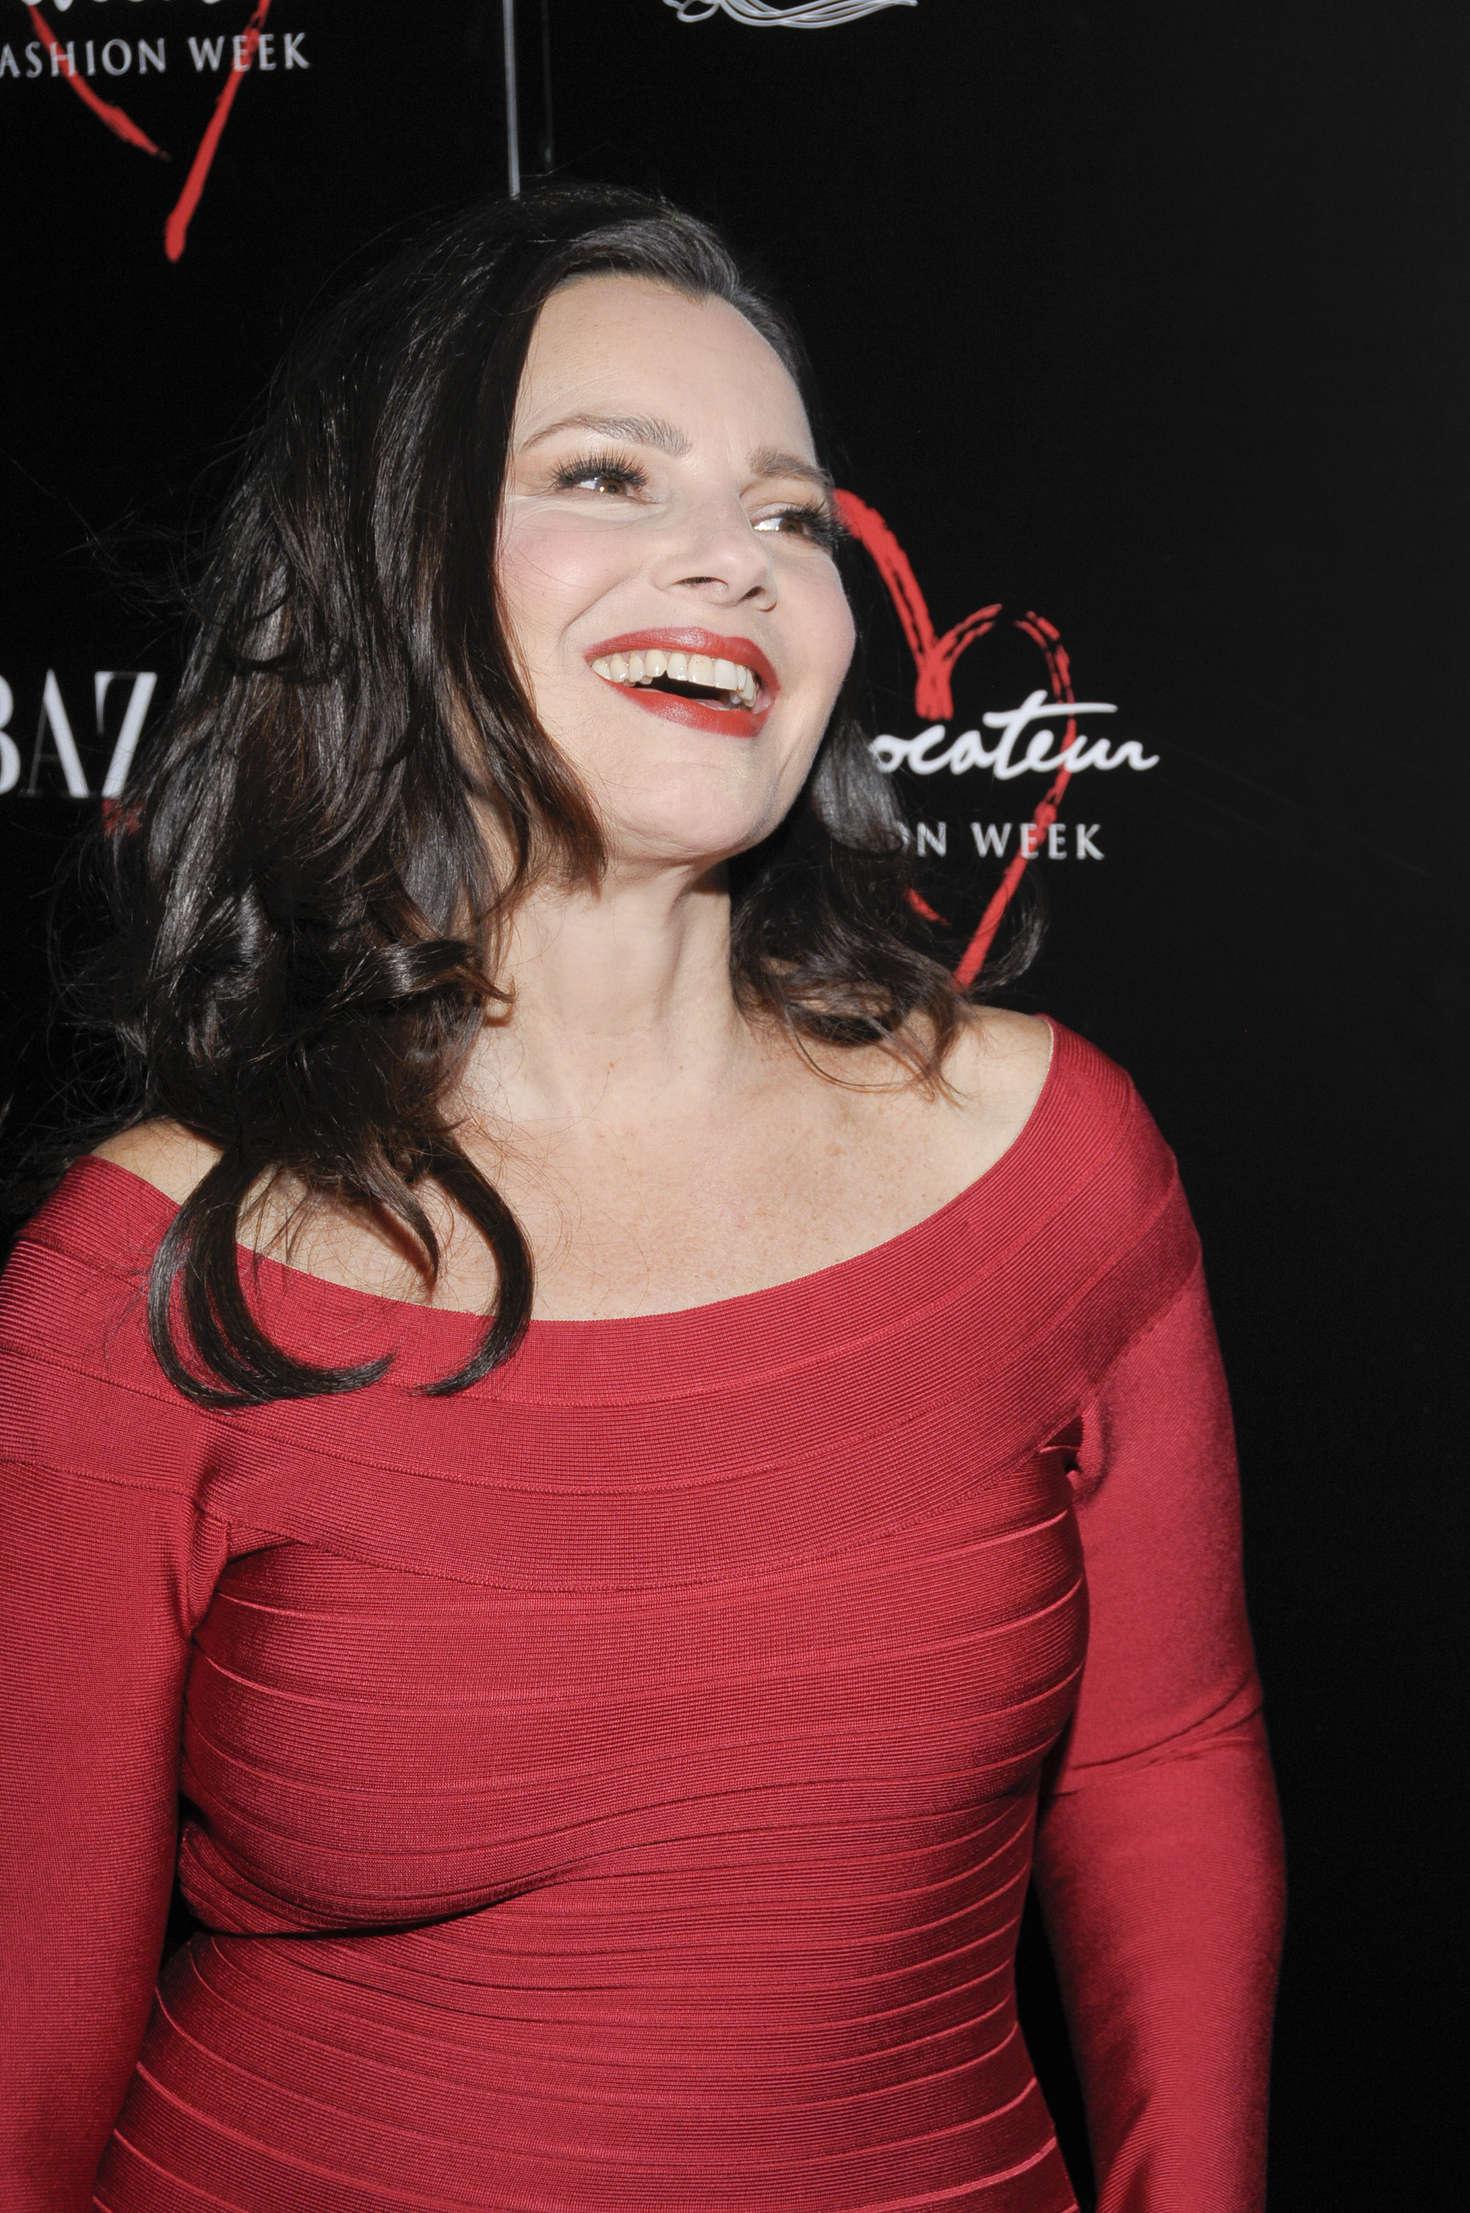 Fran Drescher Harpers Bazaar International Celebrates Fashion Cinema at Provocateur in New York